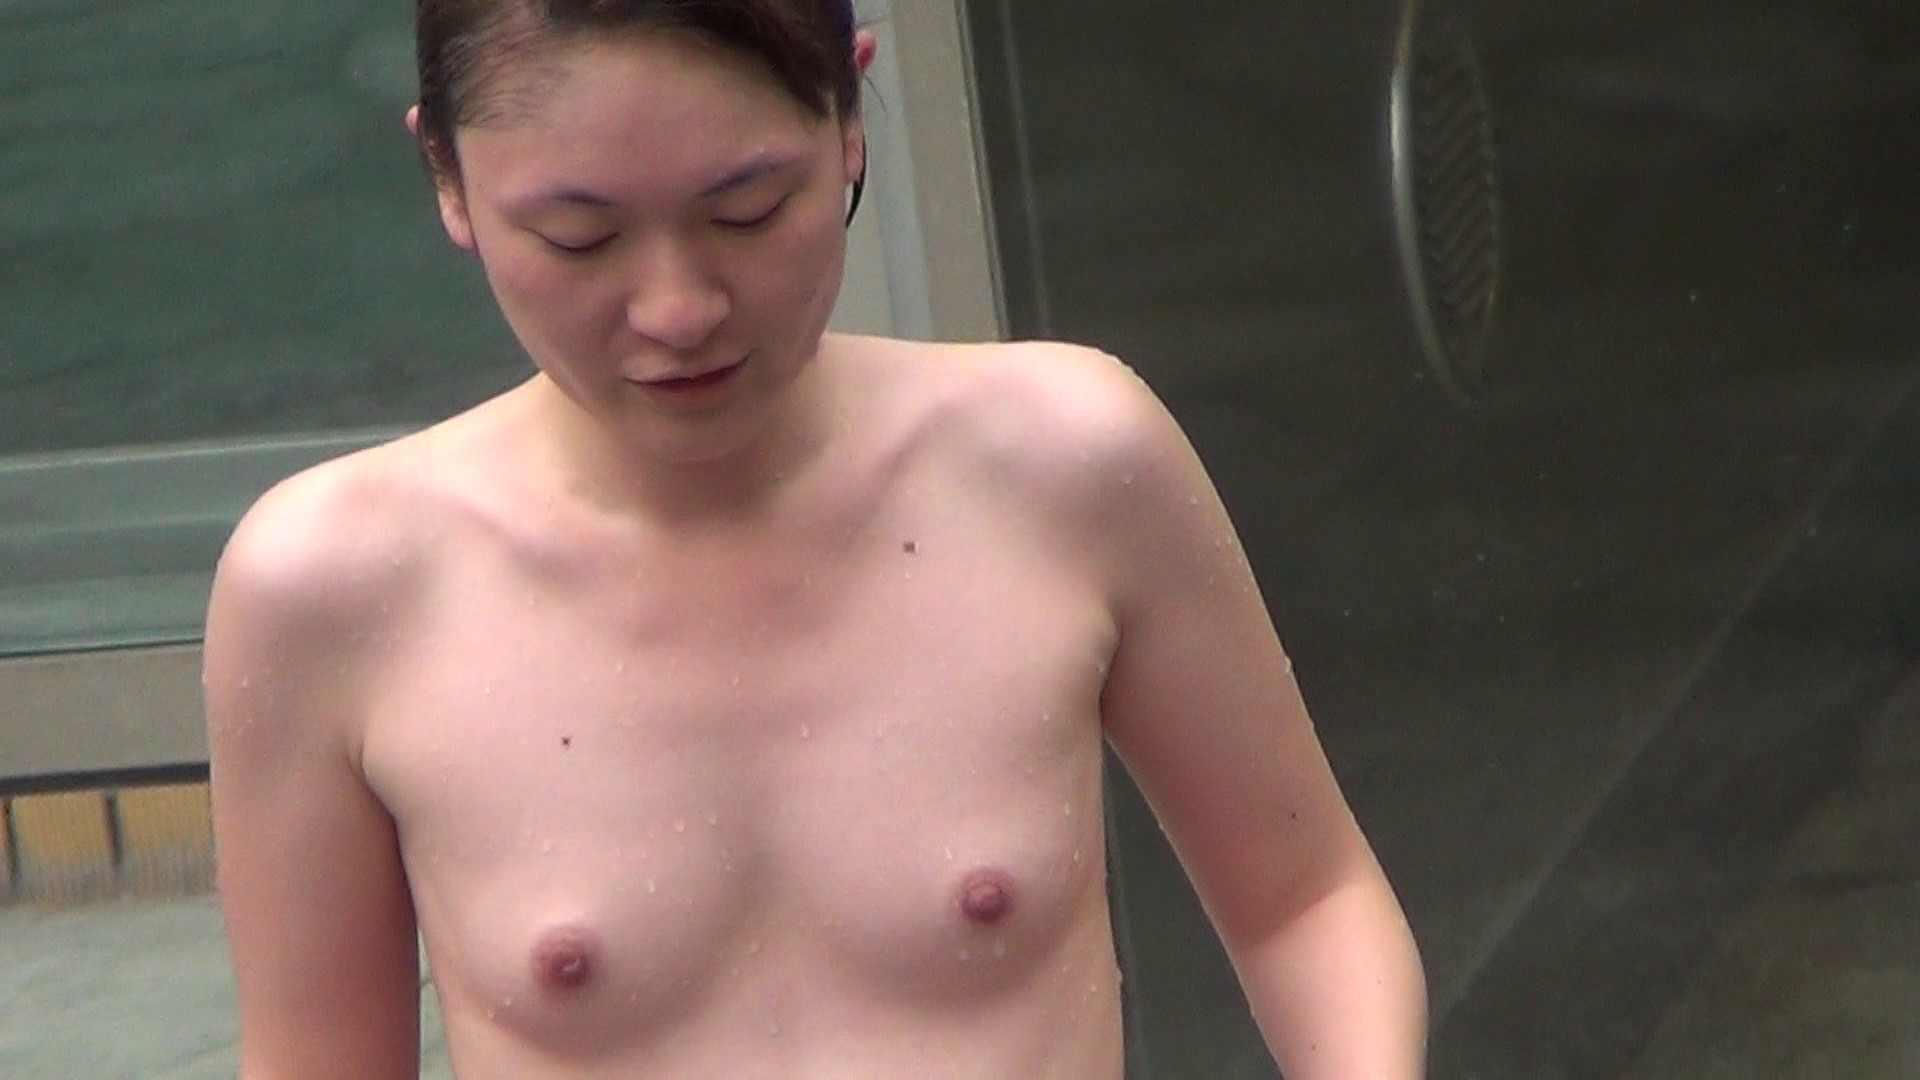 ハイビジョンVol.11 美女盛り合わせ No.5 美女  68画像 50